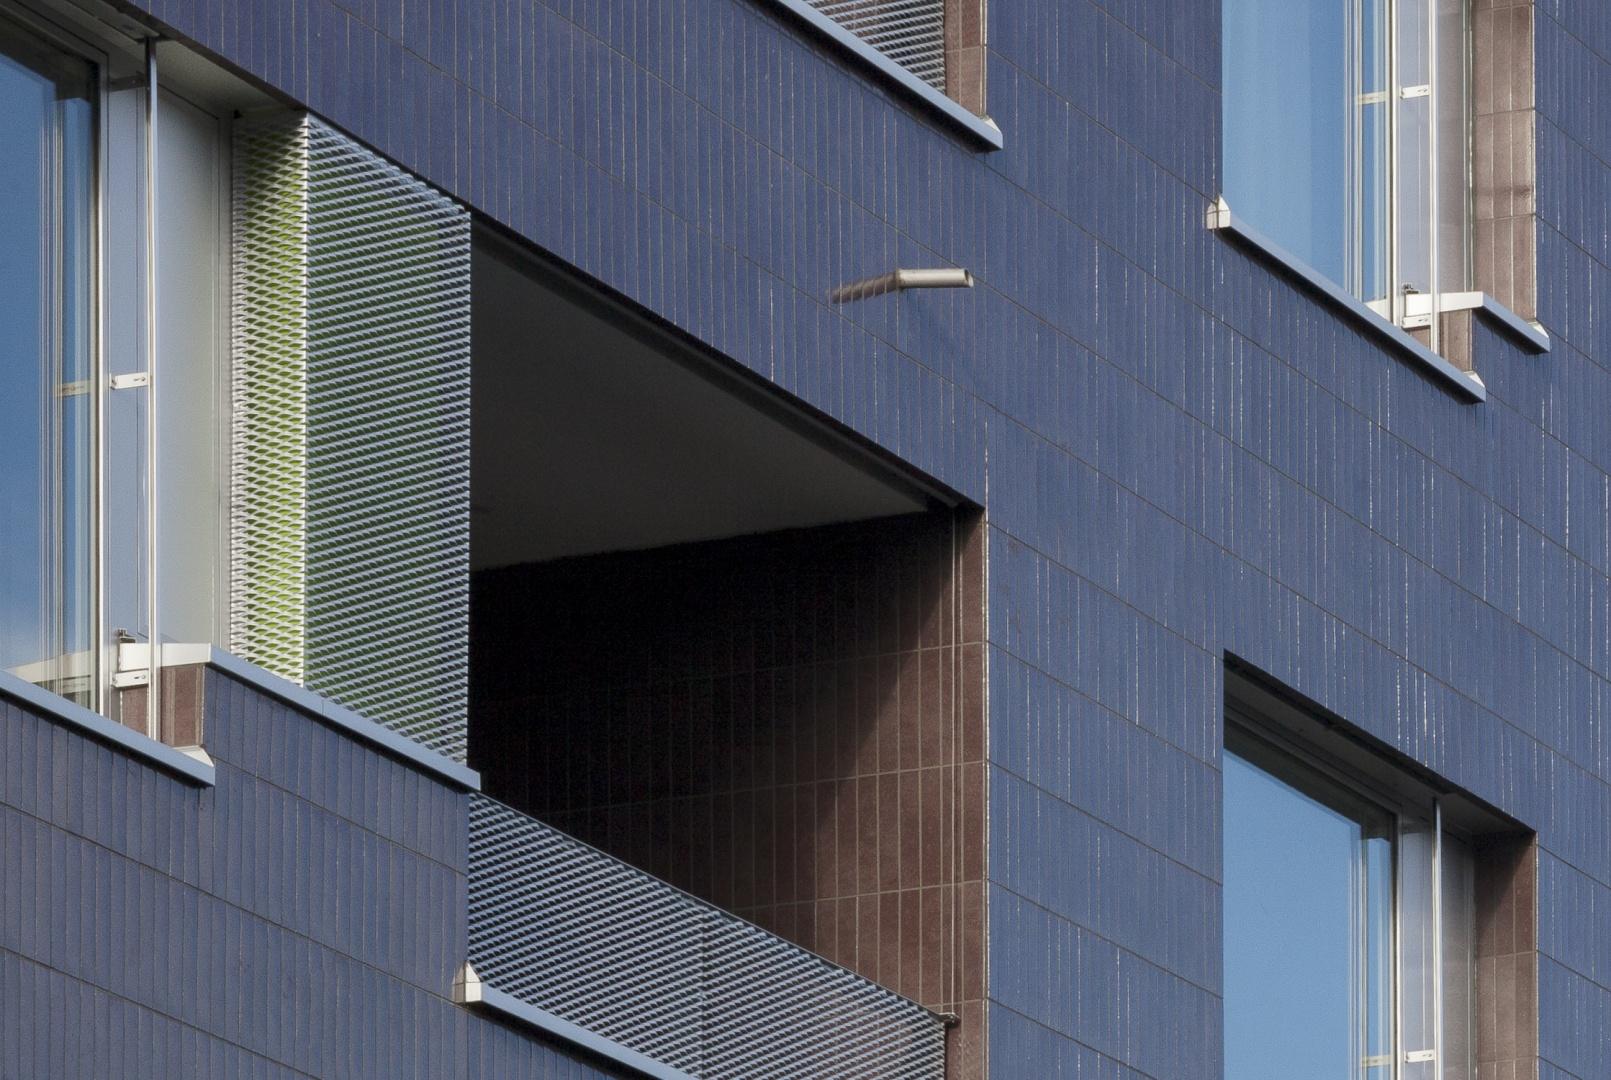 Fassadendetail © Daniel Sutter